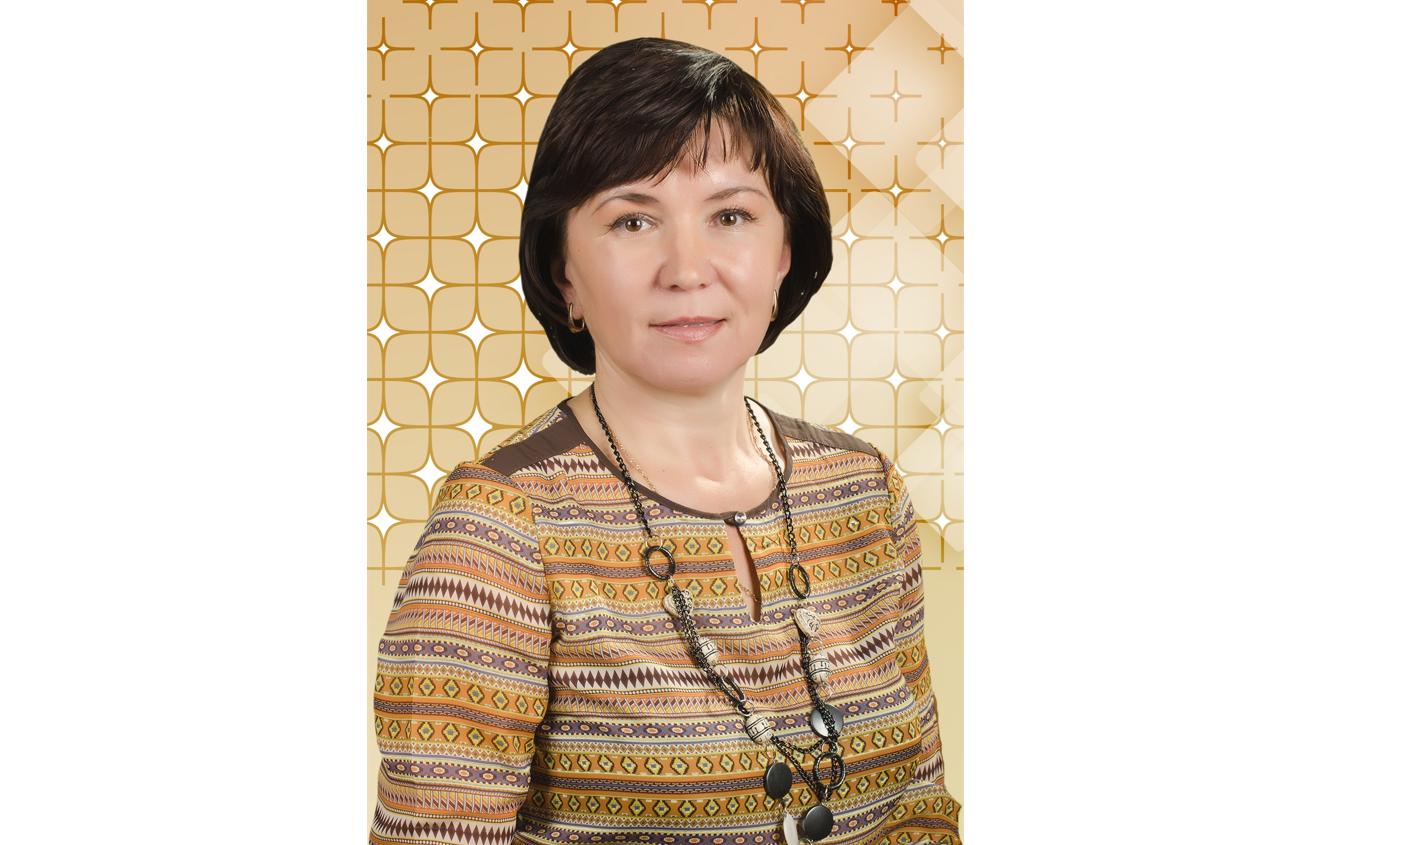 Учитель Марий Эл участвует в конкурсе «Учитель года России-2021»